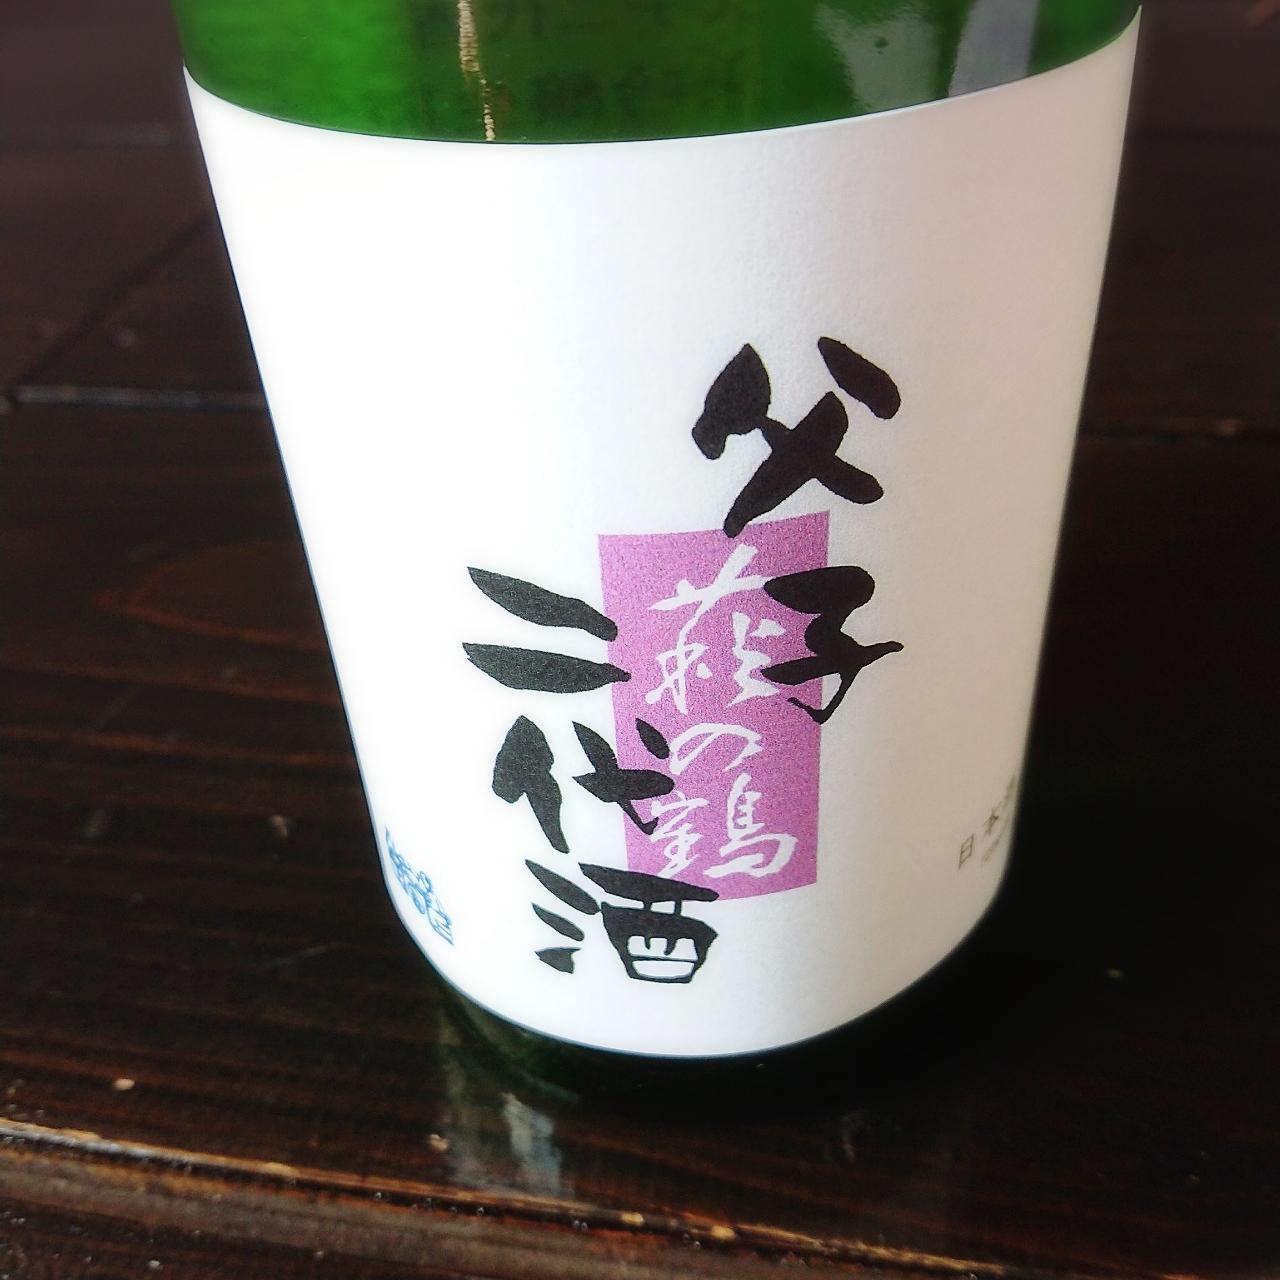 【かわら版113号掲載】萩の鶴 父子二代酒~当店限定隠し酒~まさに傑作「萩野酒造の生熟」~